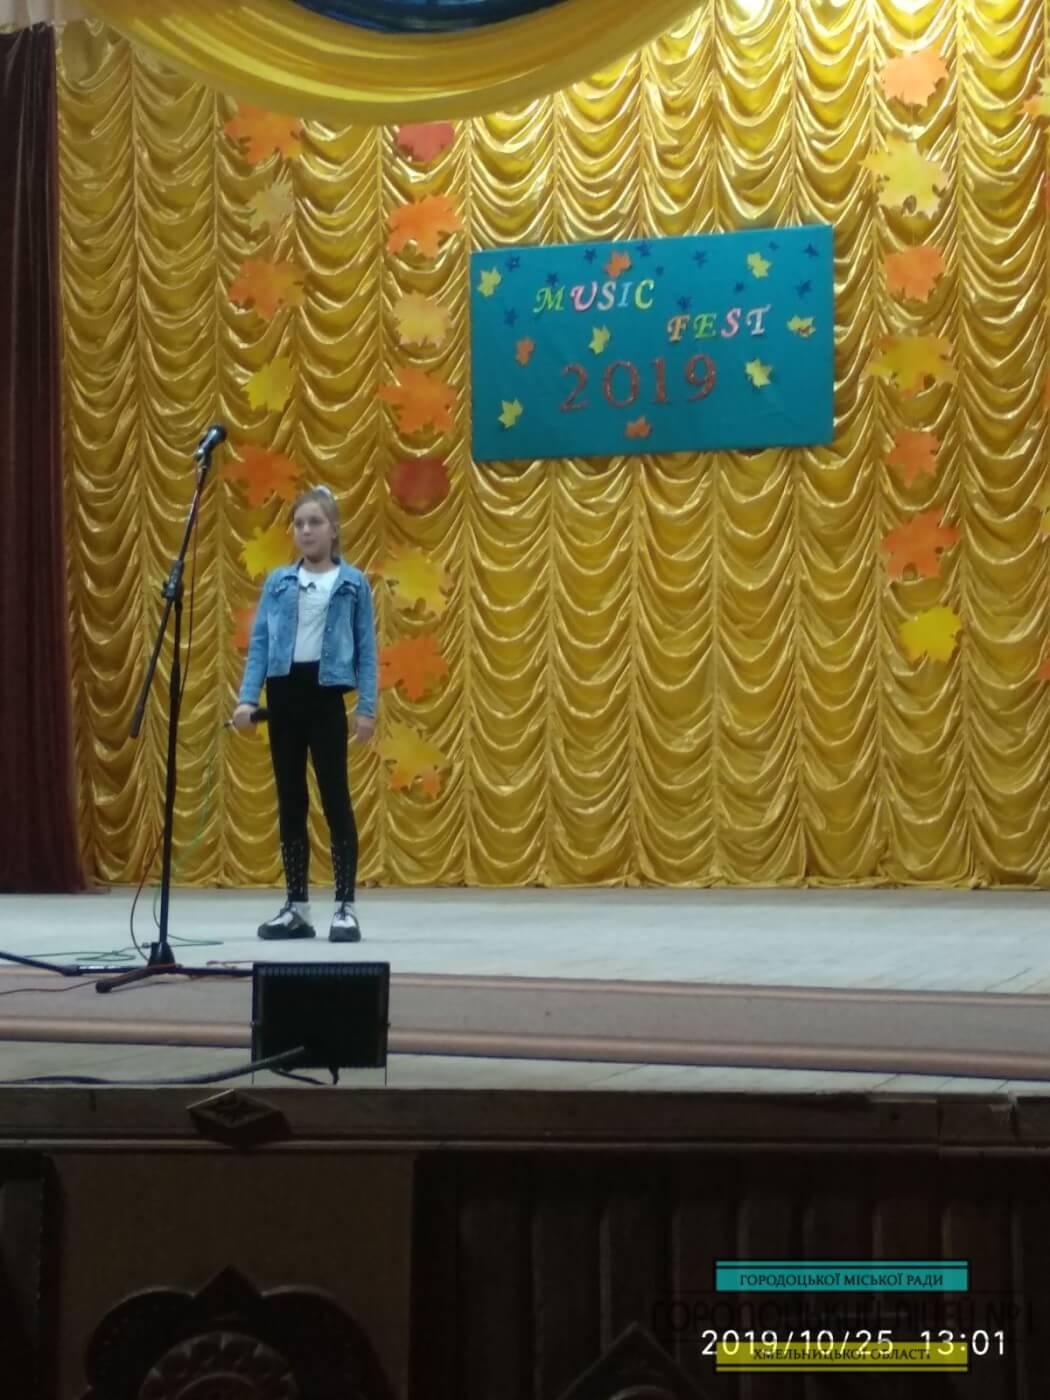 zobrazhennya viber 2019 10 31 14 30 19 - Music Fest «Городоцька осінь 2019»